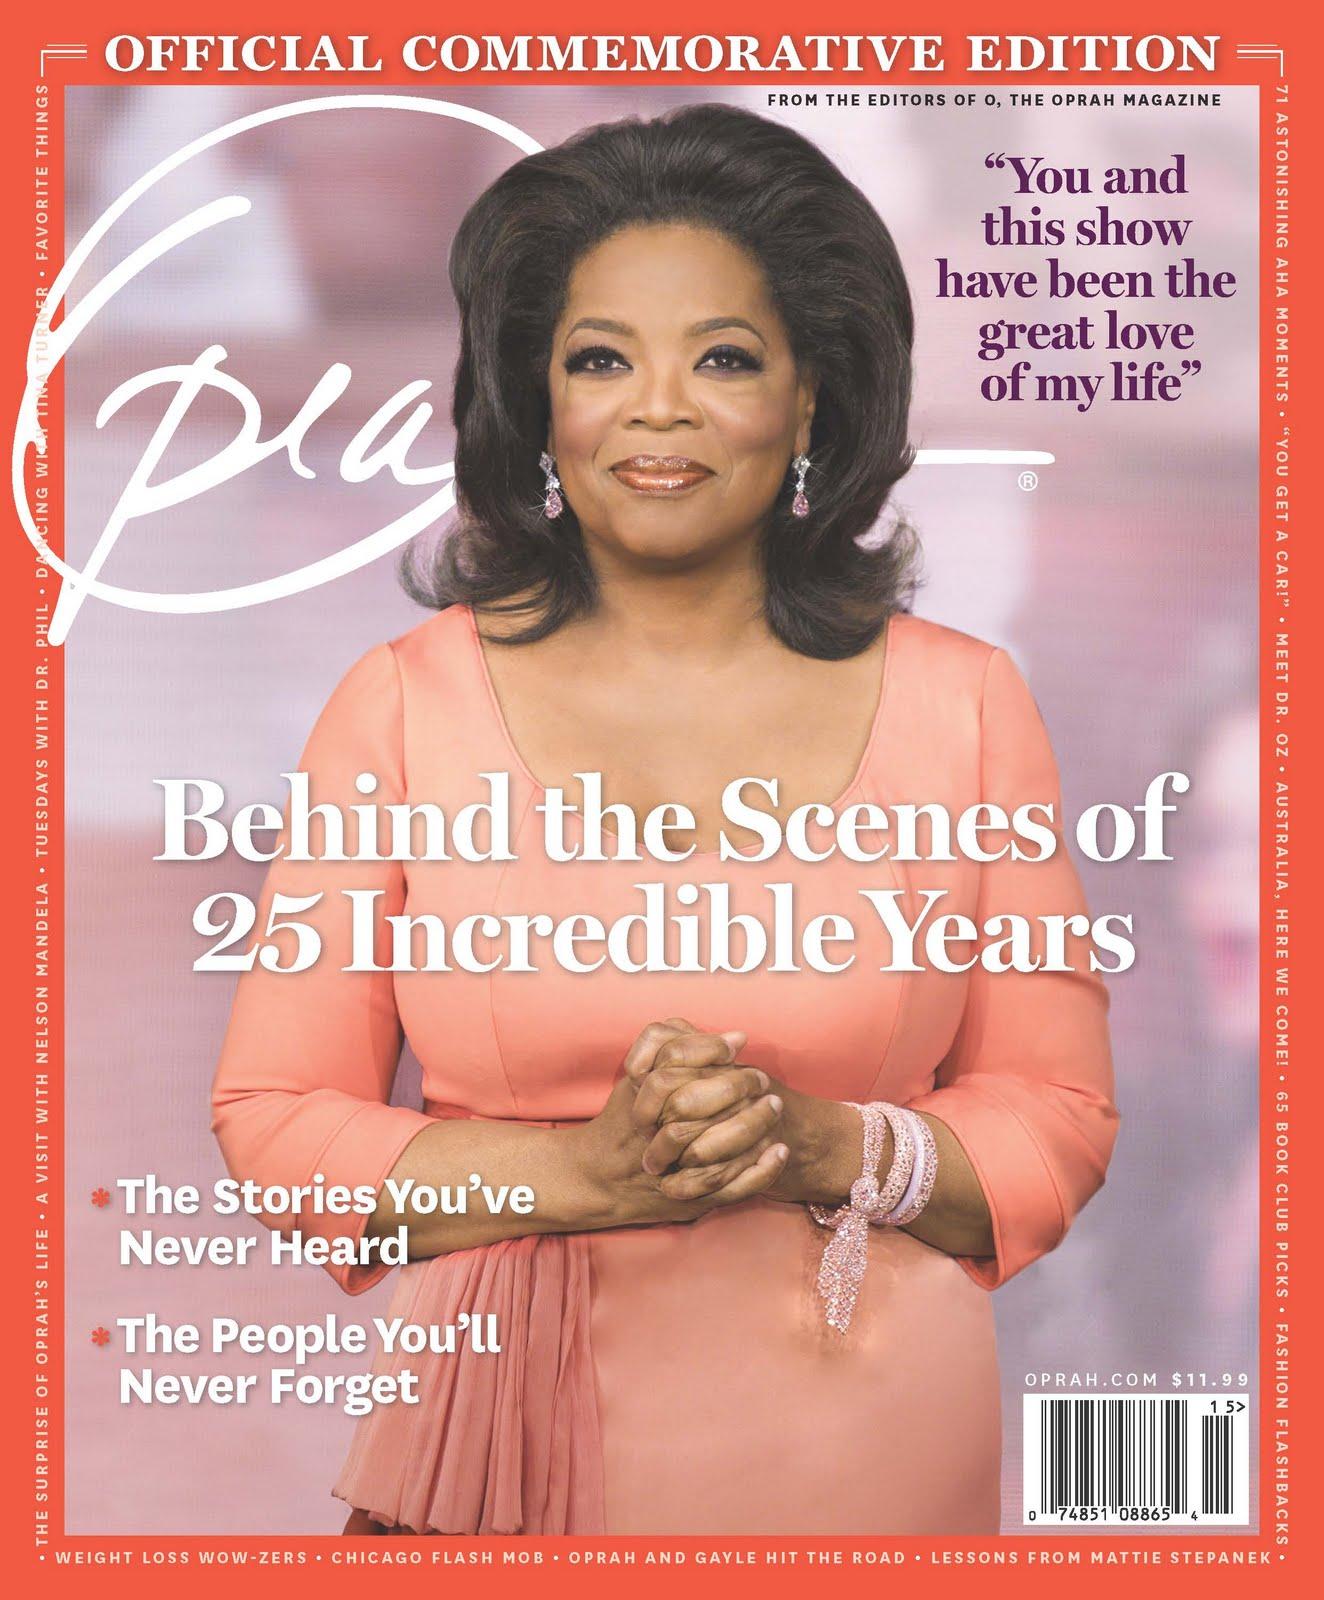 http://4.bp.blogspot.com/-BxxA6Okvif4/UP5zlCDffjI/AAAAAAAAI2E/AwsffzbLGdE/s1600/TOWS+Issue+Cover+June+11.jpg